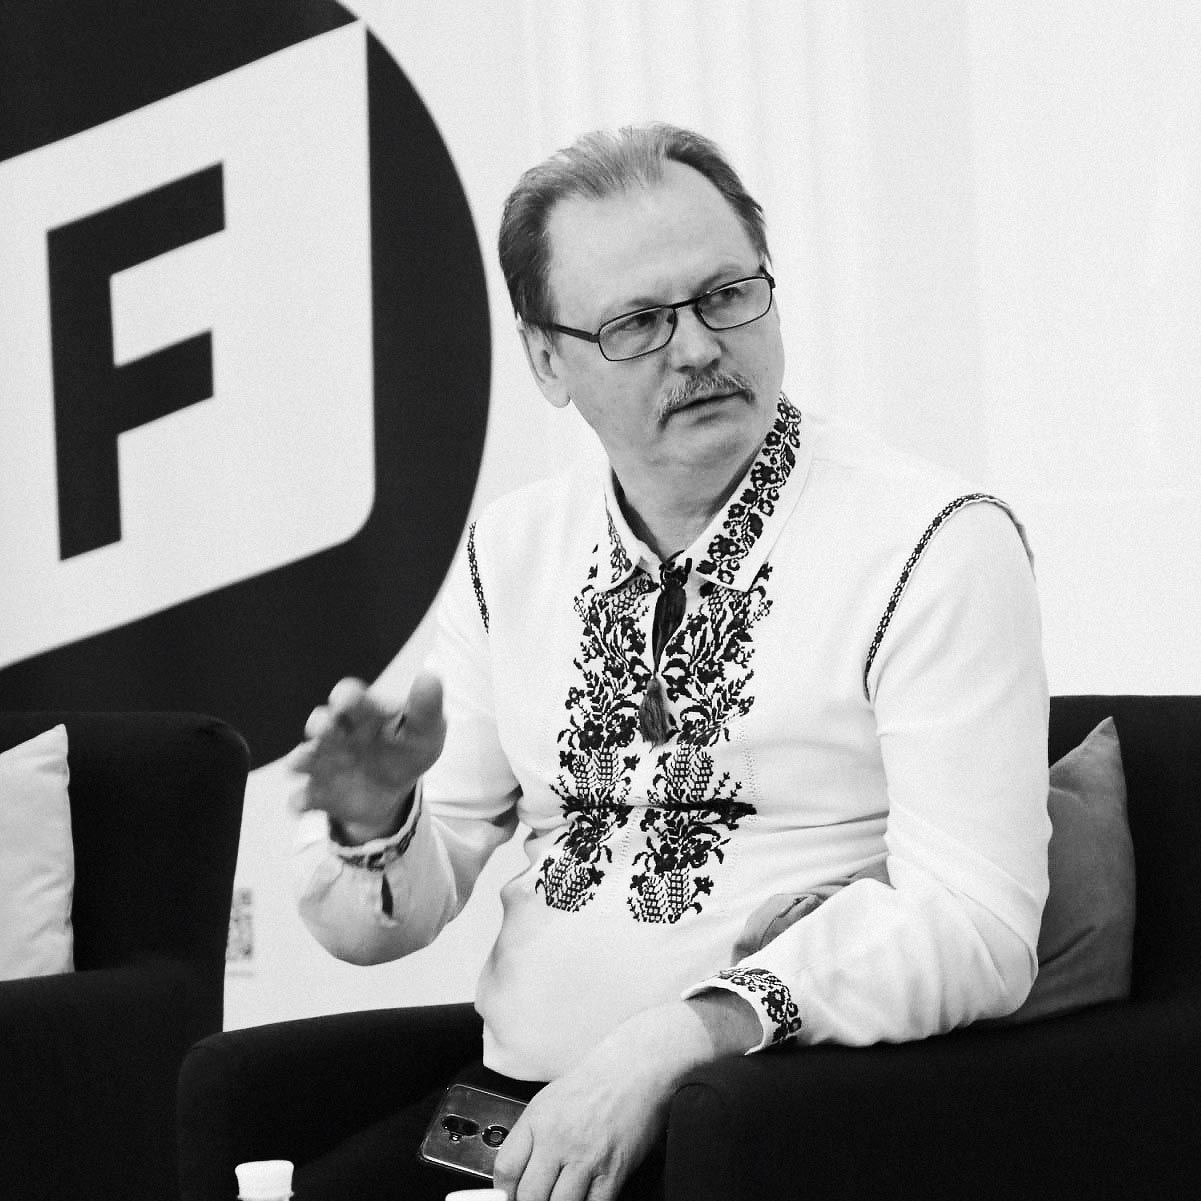 sergiy gorbachov - <b>Во Львовской политехнике преподавательница назвала геев и лесбиянок больными.</b> Что делать, если вас унижают в университете? - Заборона